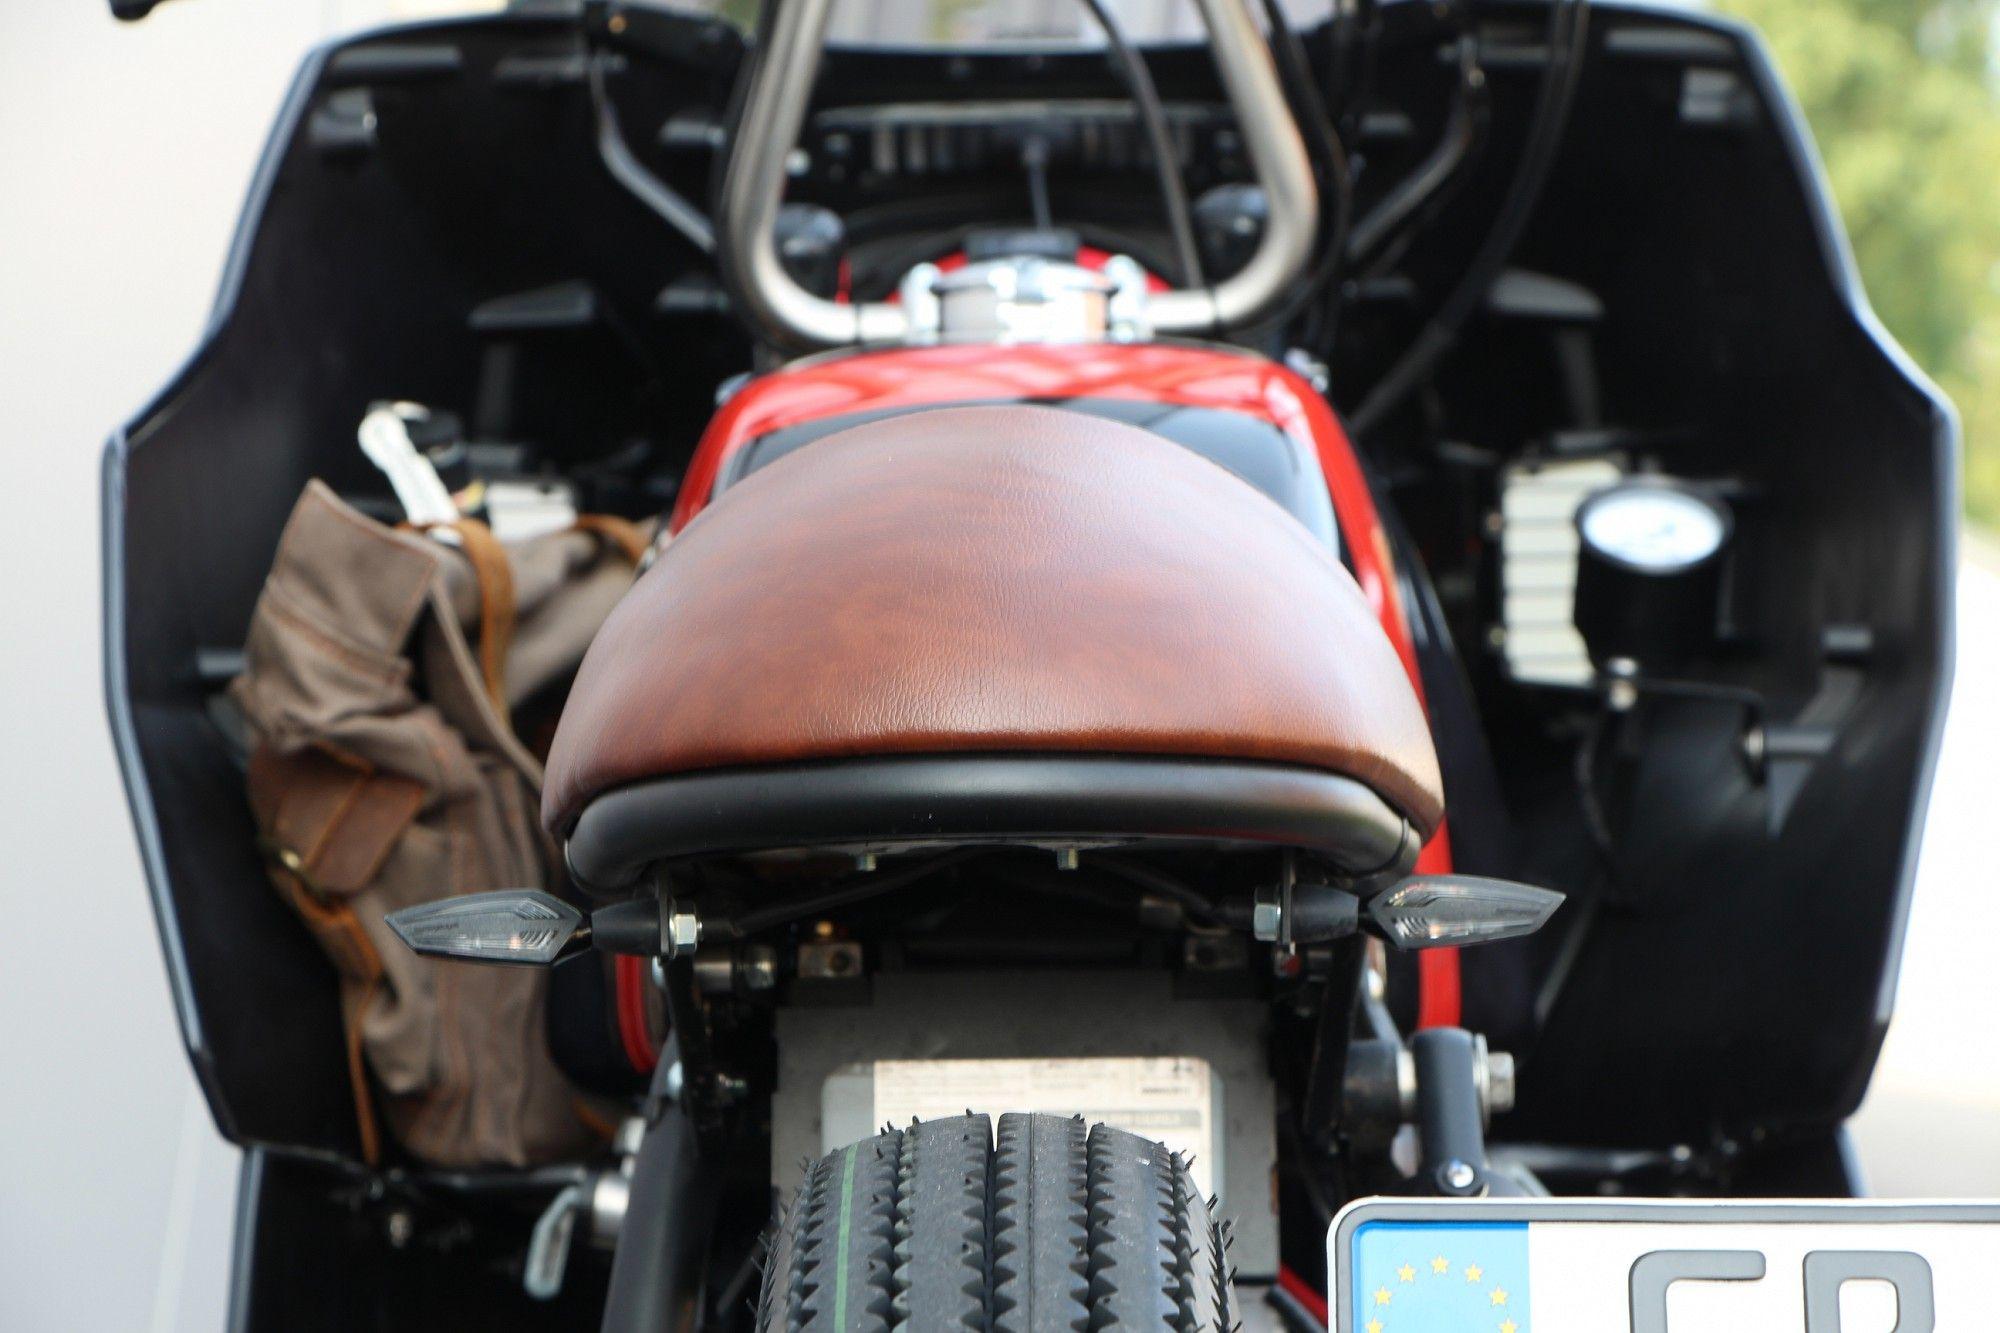 Motorrad Zubehör online kaufen - ABM Original Zubehör